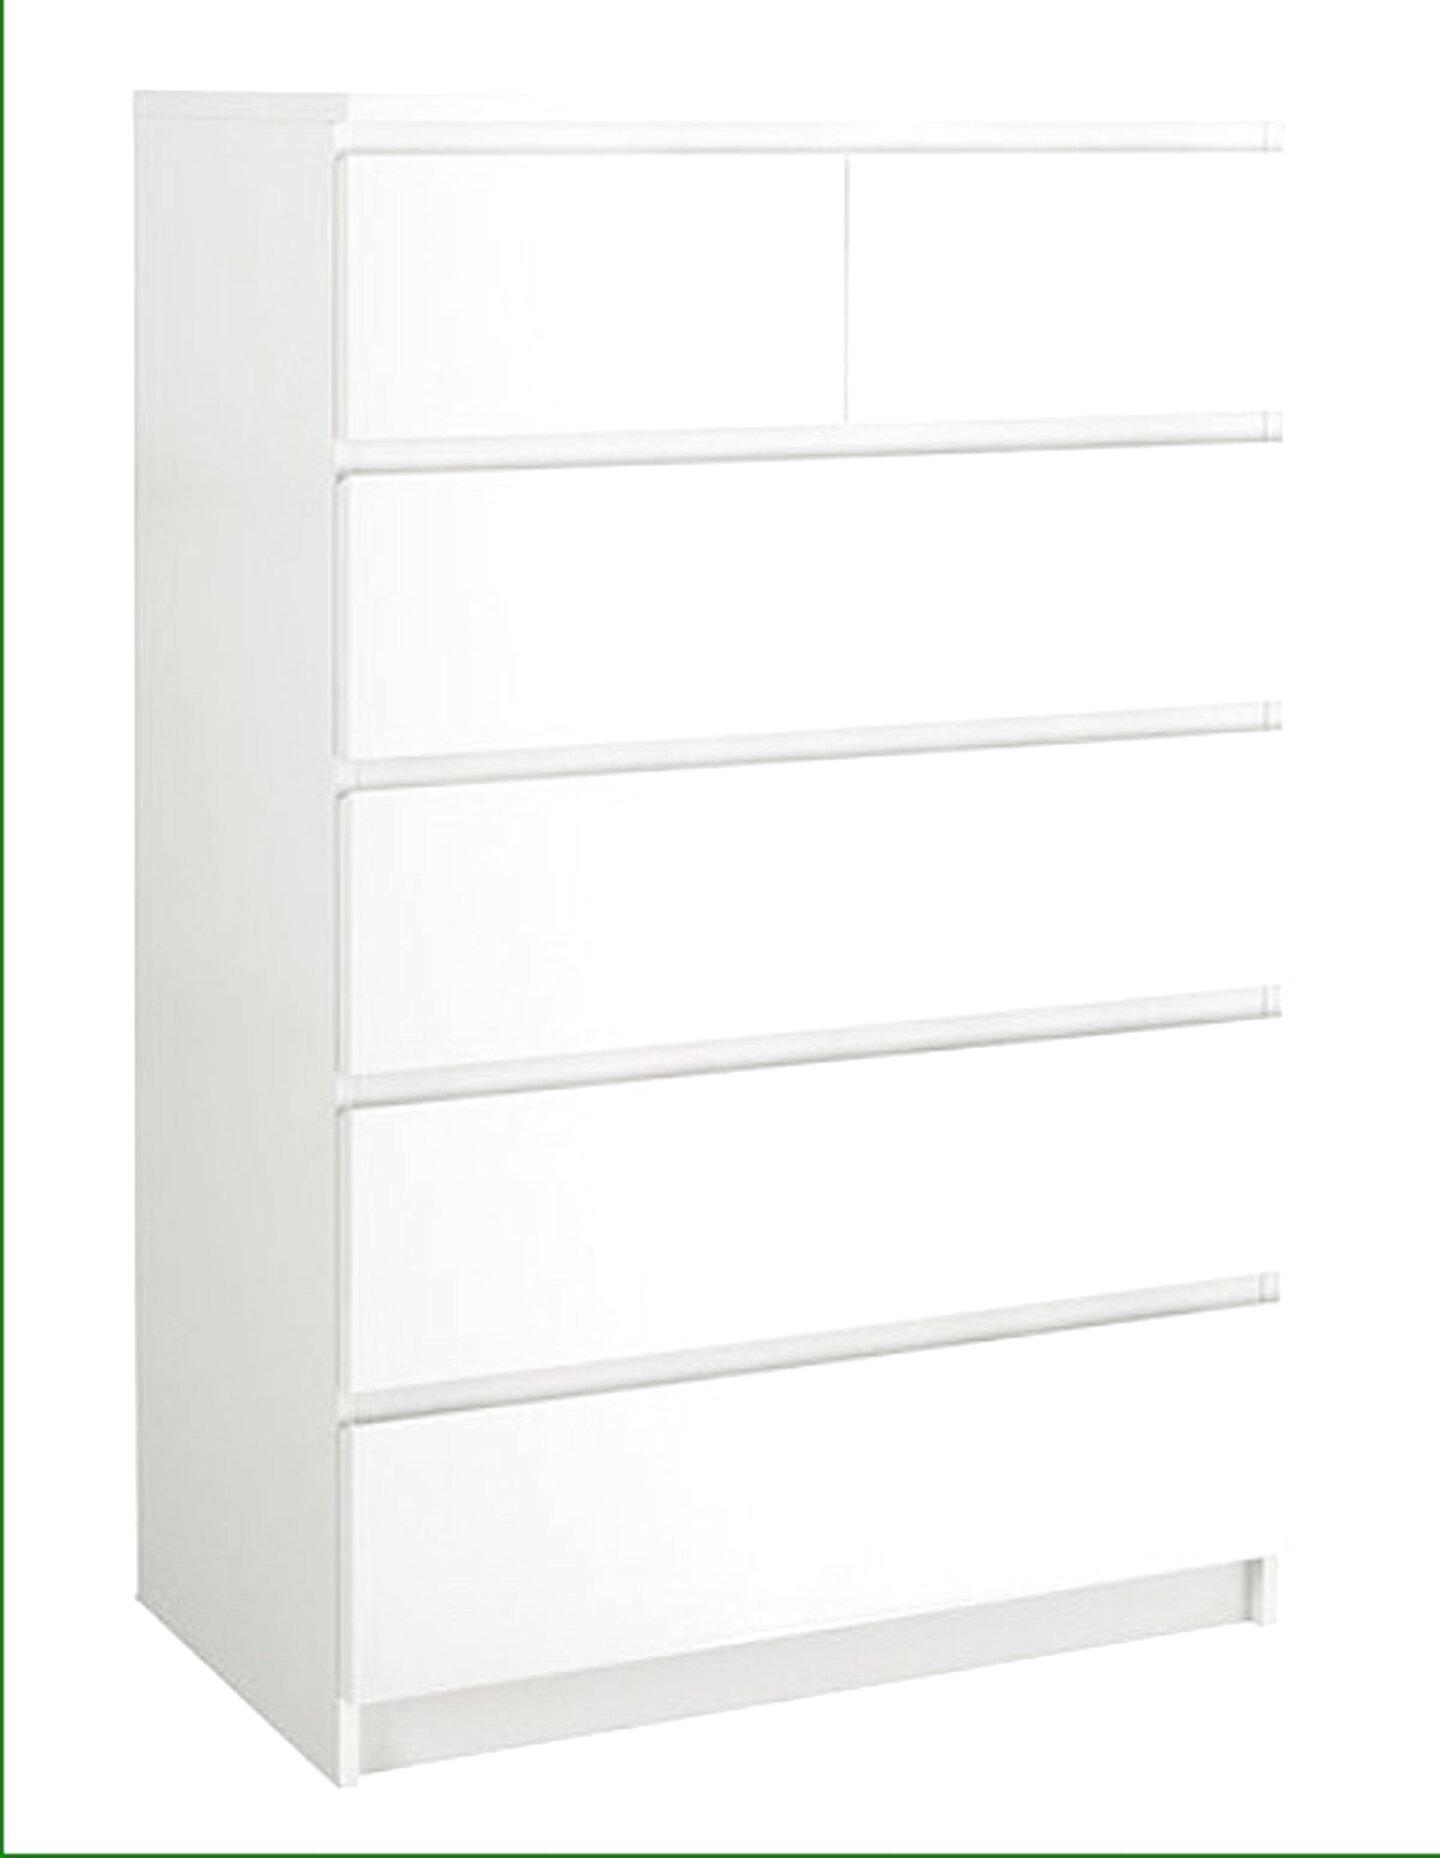 Cassettiera Ikea Malm Usata.Cassettiera 6 Cassetti Malm Ikea Usato In Italia Vedi Tutte I 17